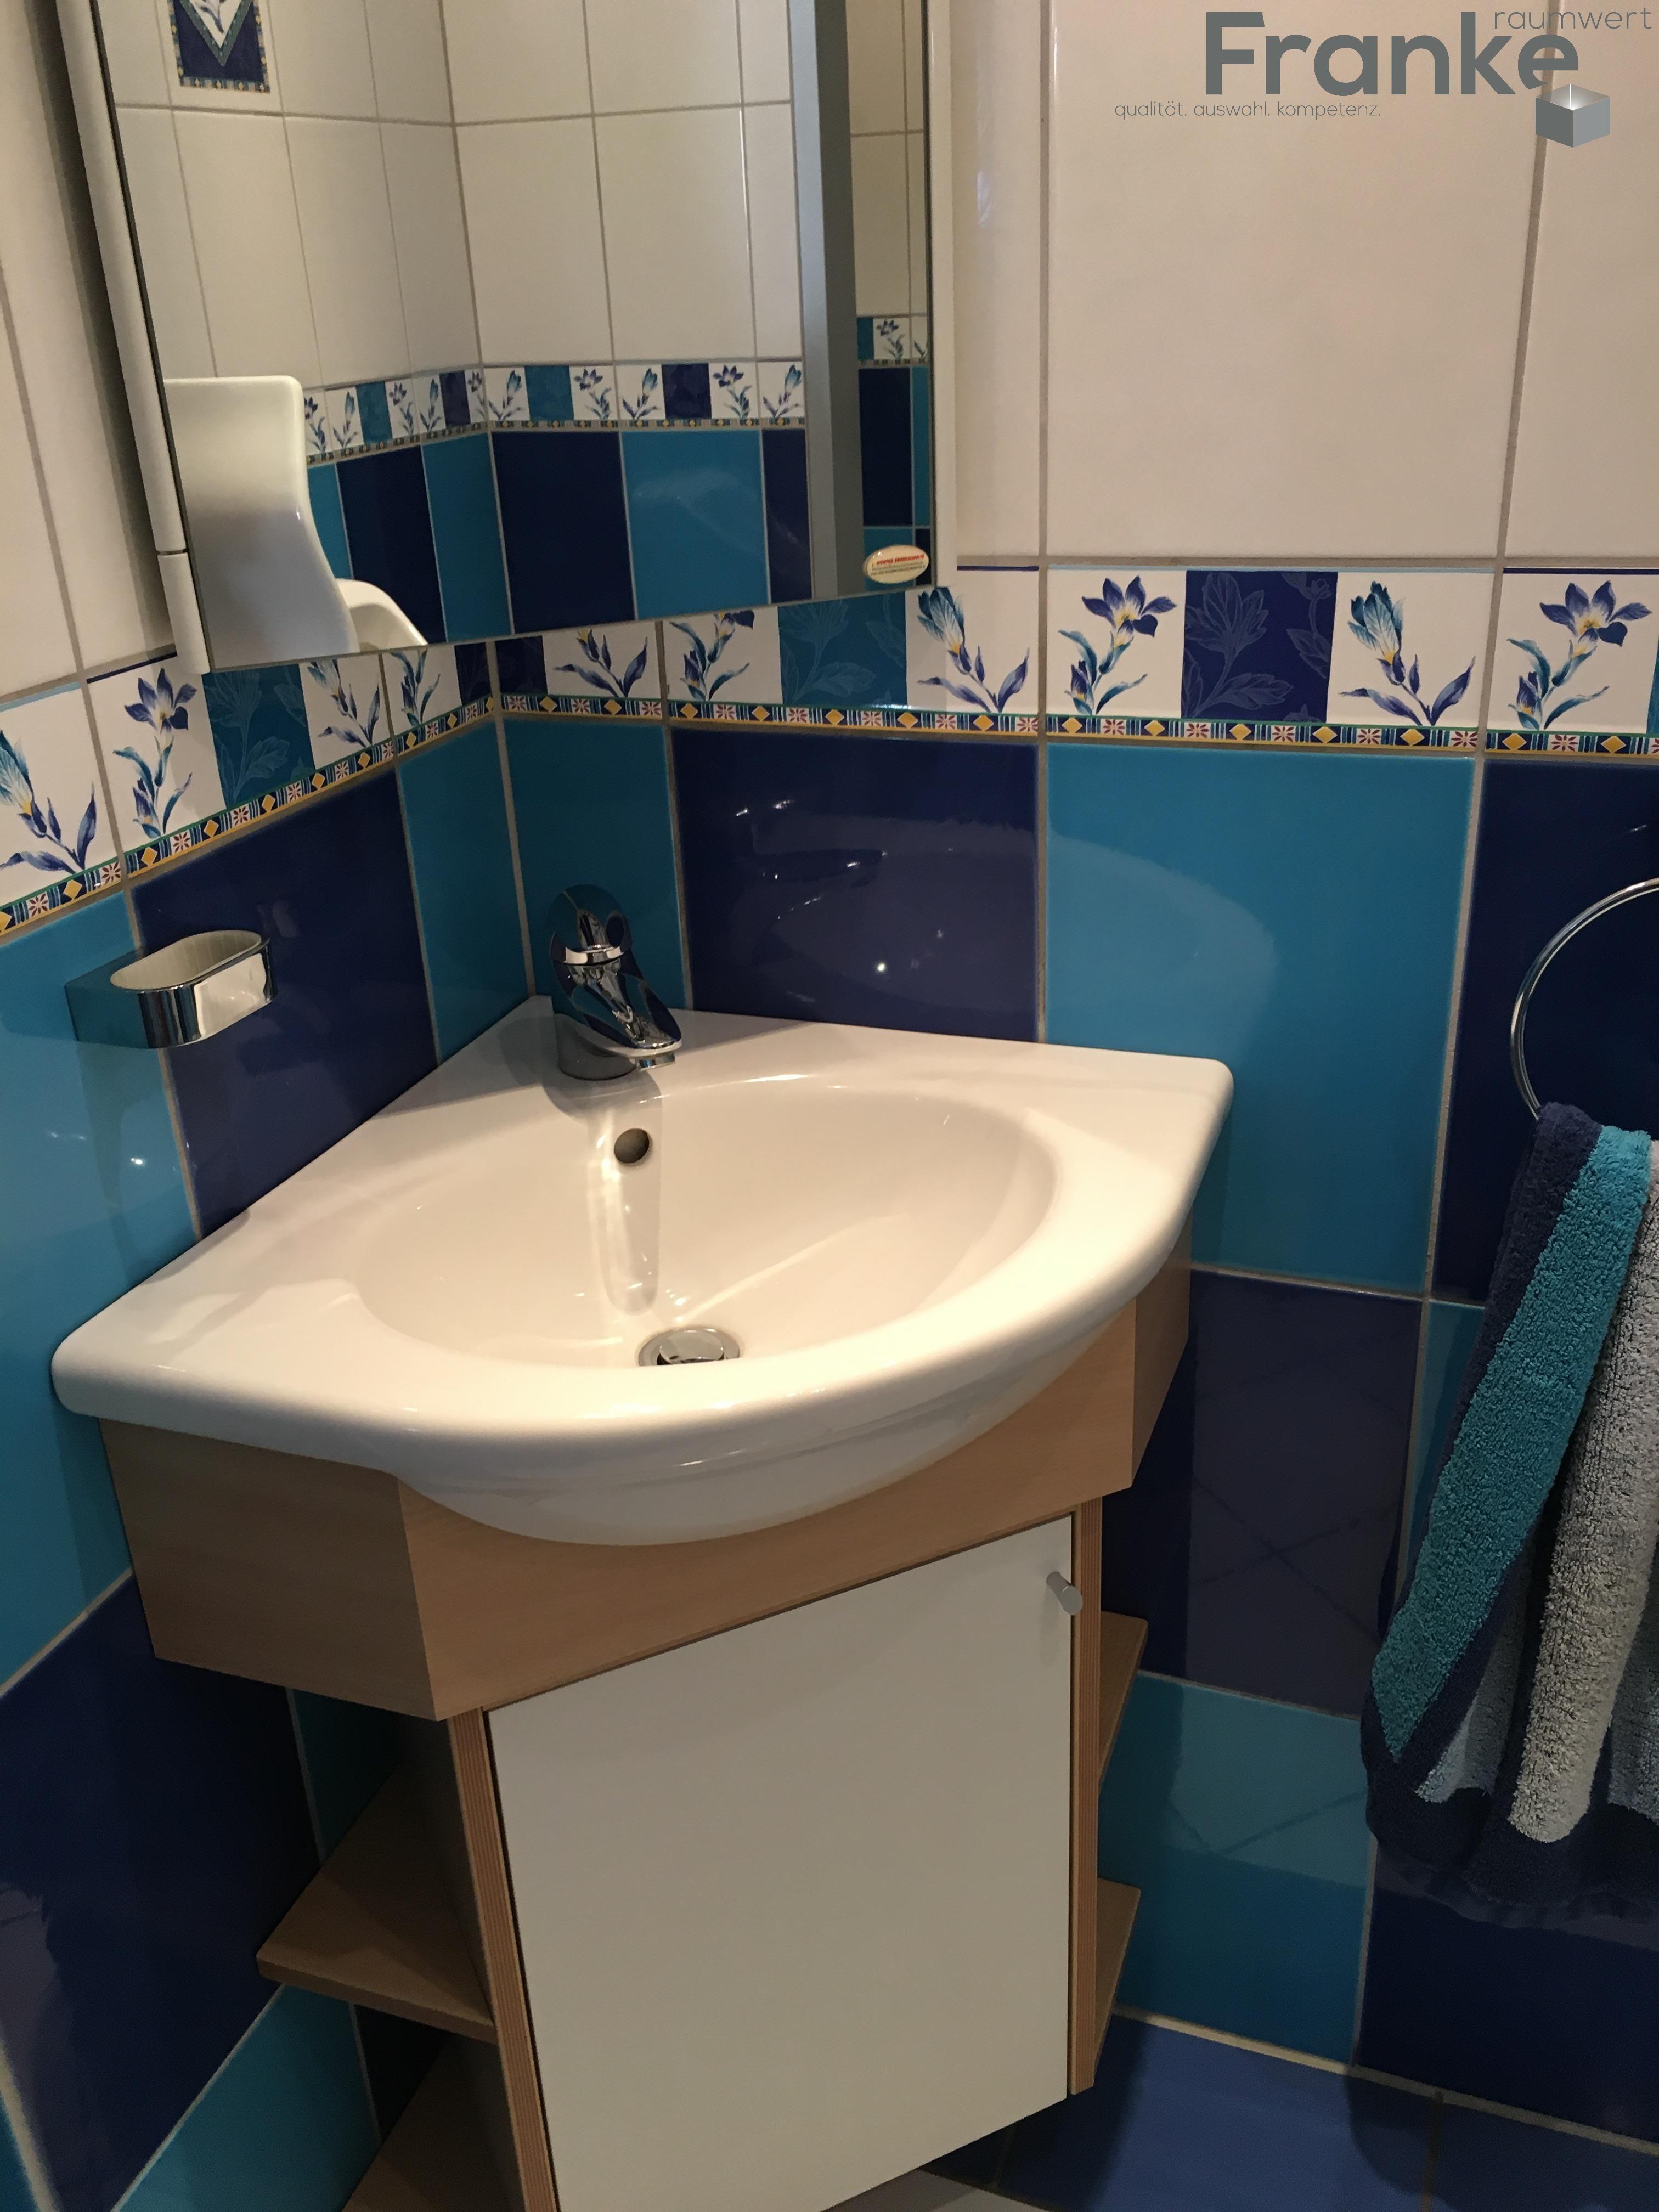 Fliesen Franke Menden farben im frischlook gäste wc franke raumwert de gästewc